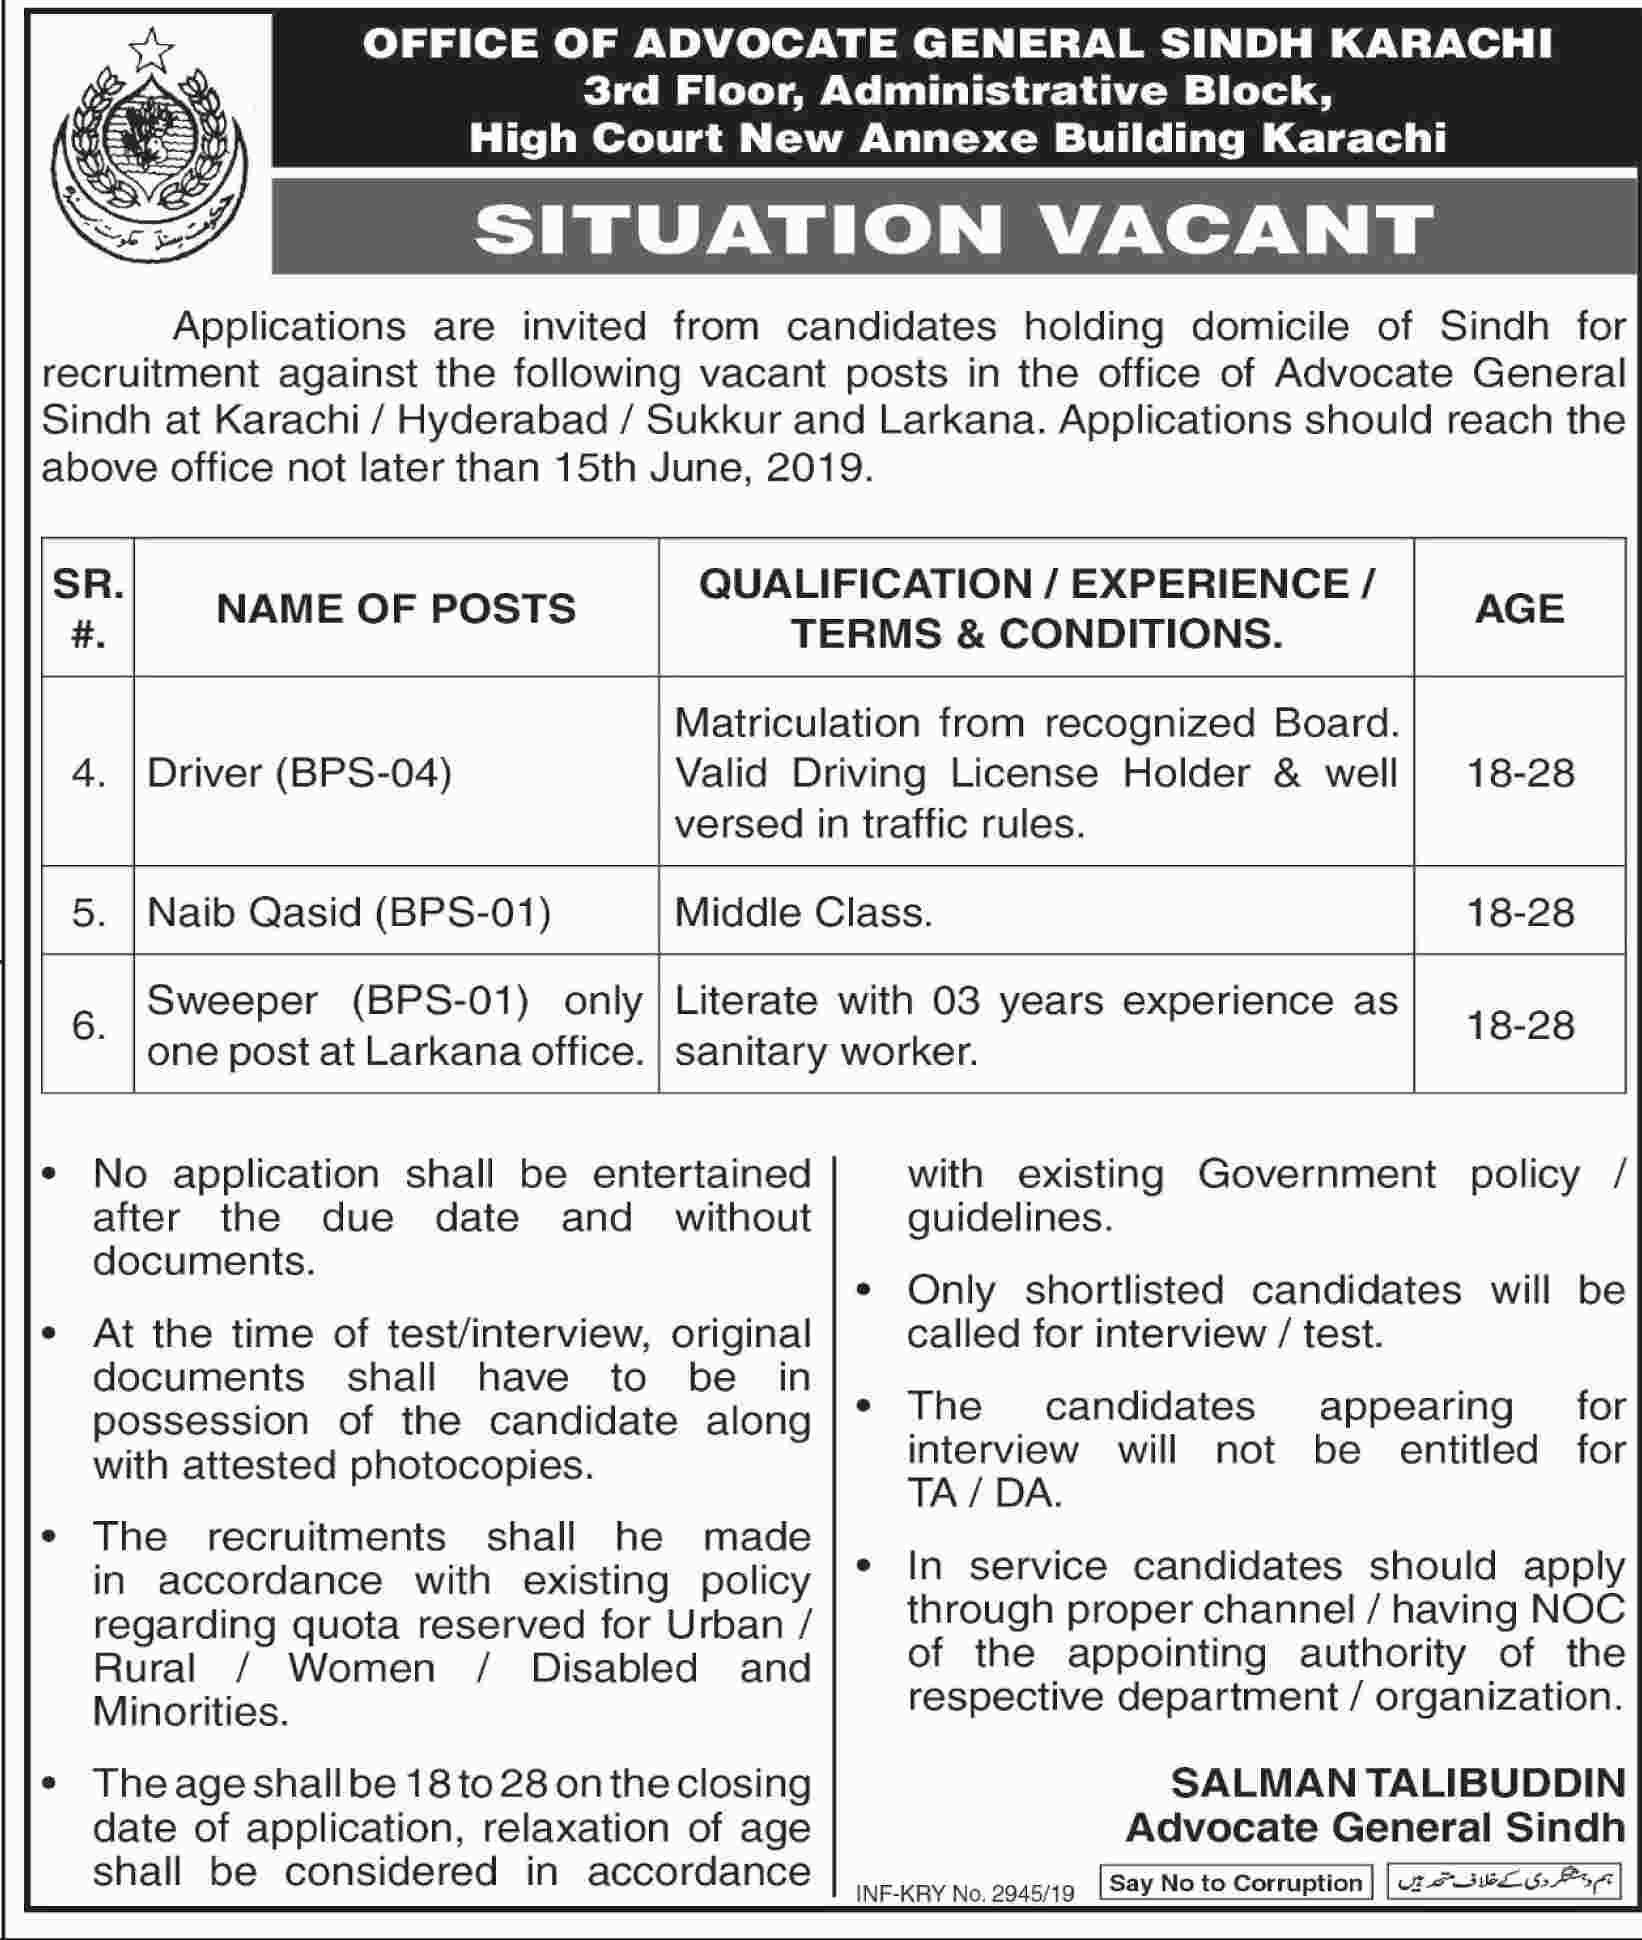 High Court Of Sindh Karachi Jobs 01 Jun 2019 - Prepistan Jobs